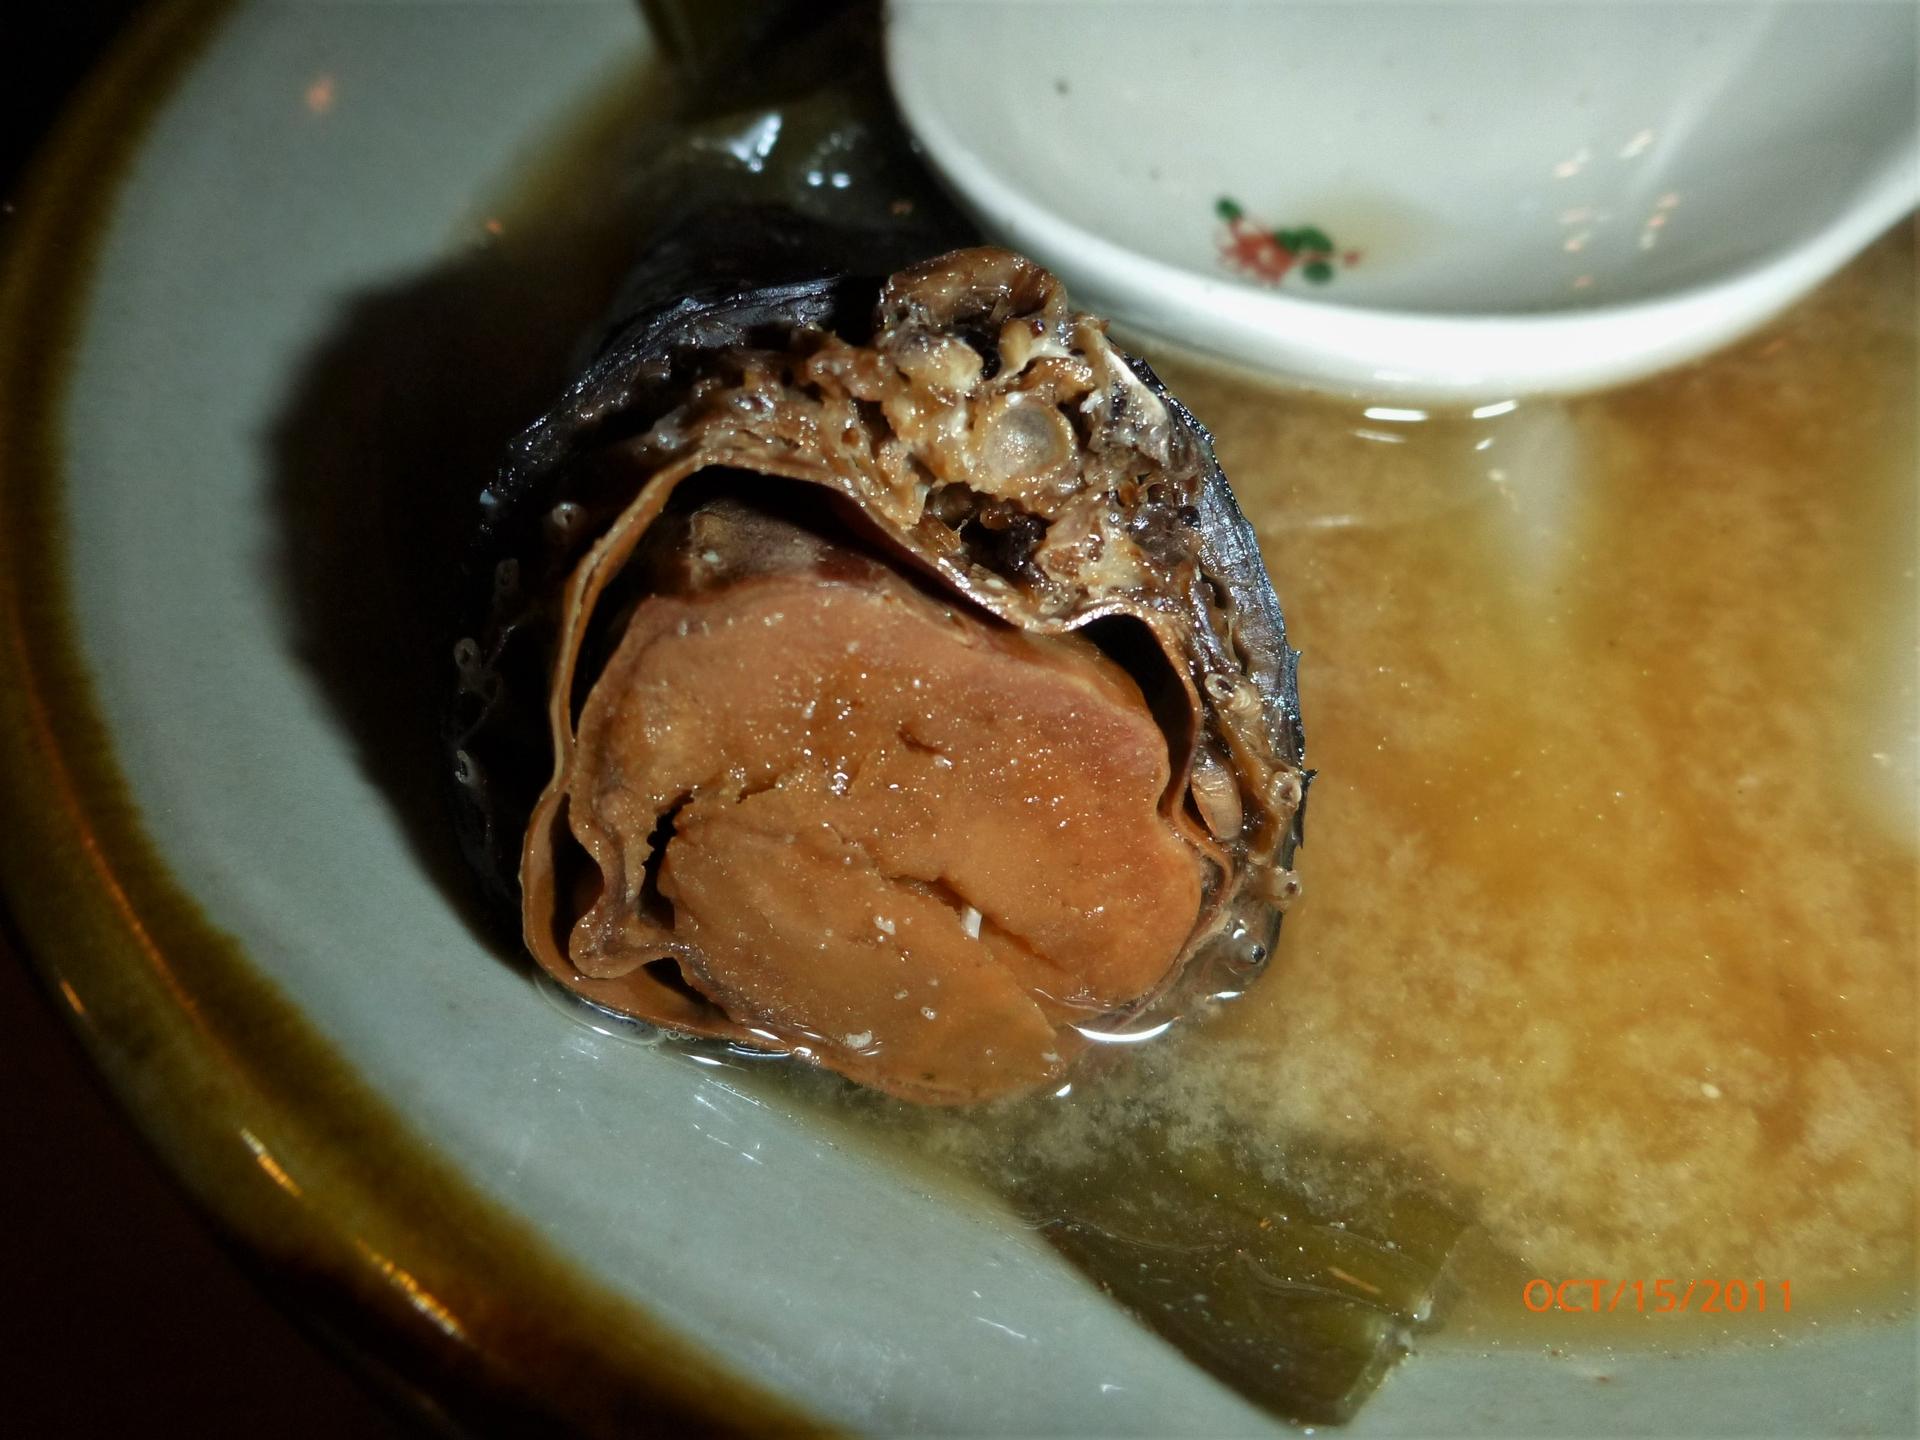 久高島海蛇定食。當時我只能勉強地將海蛇味噌湯喝完,至於那一整塊的蛇肉和內臟,我連咬一口的勇氣都沒有。攝影:杜銘章